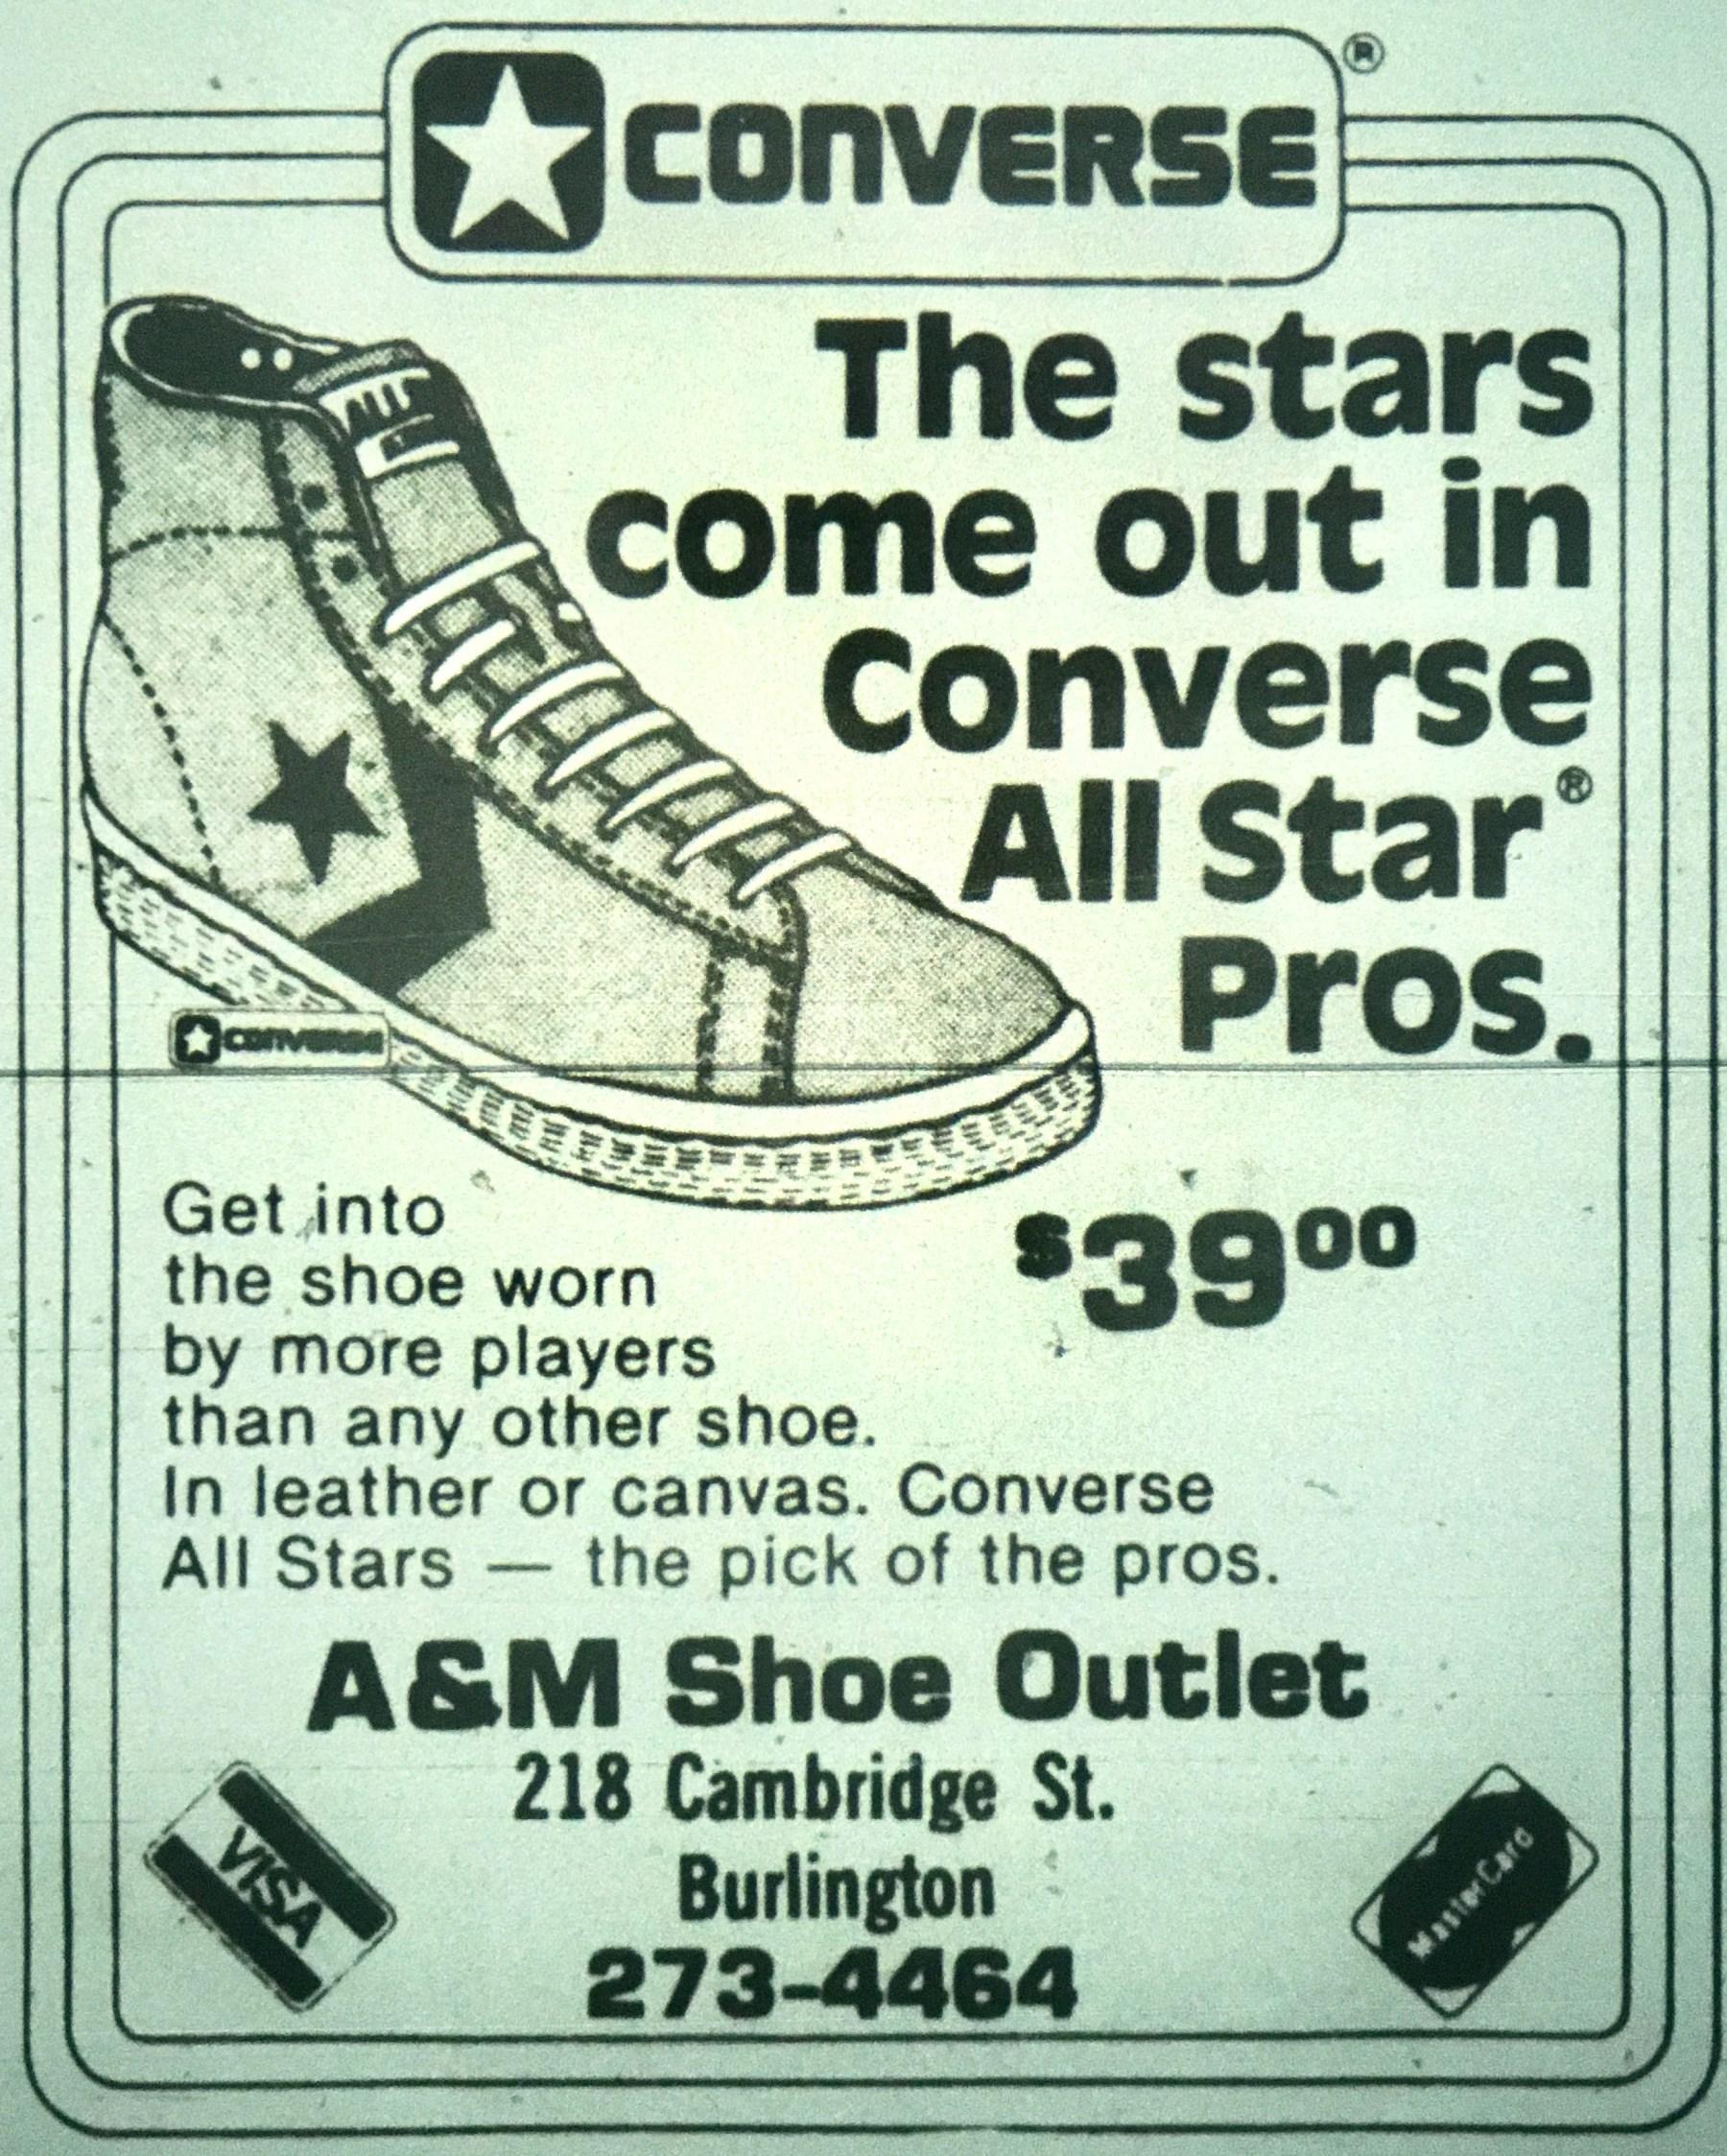 A&M Shoe Outlet, Burlington MA